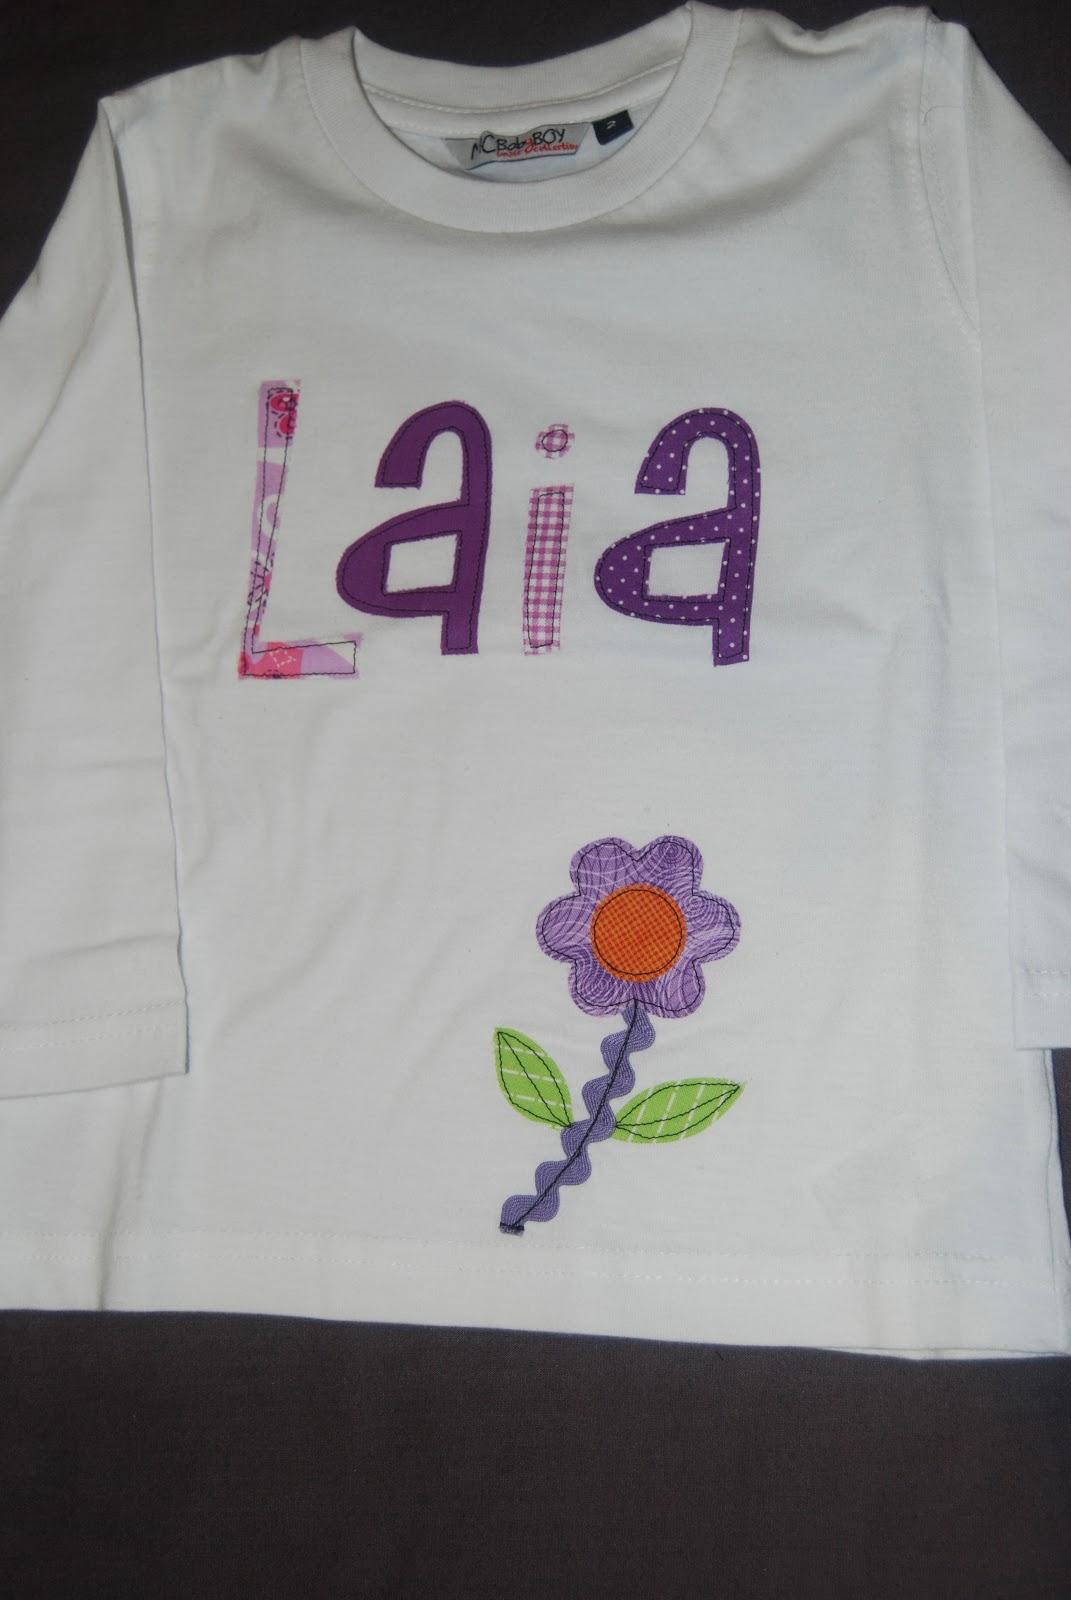 http://1.bp.blogspot.com/-gTB4-ycbMww/UImqQds4RTI/AAAAAAAACgo/B07PSsK1CCM/s1600/Camiseta-7.jpg